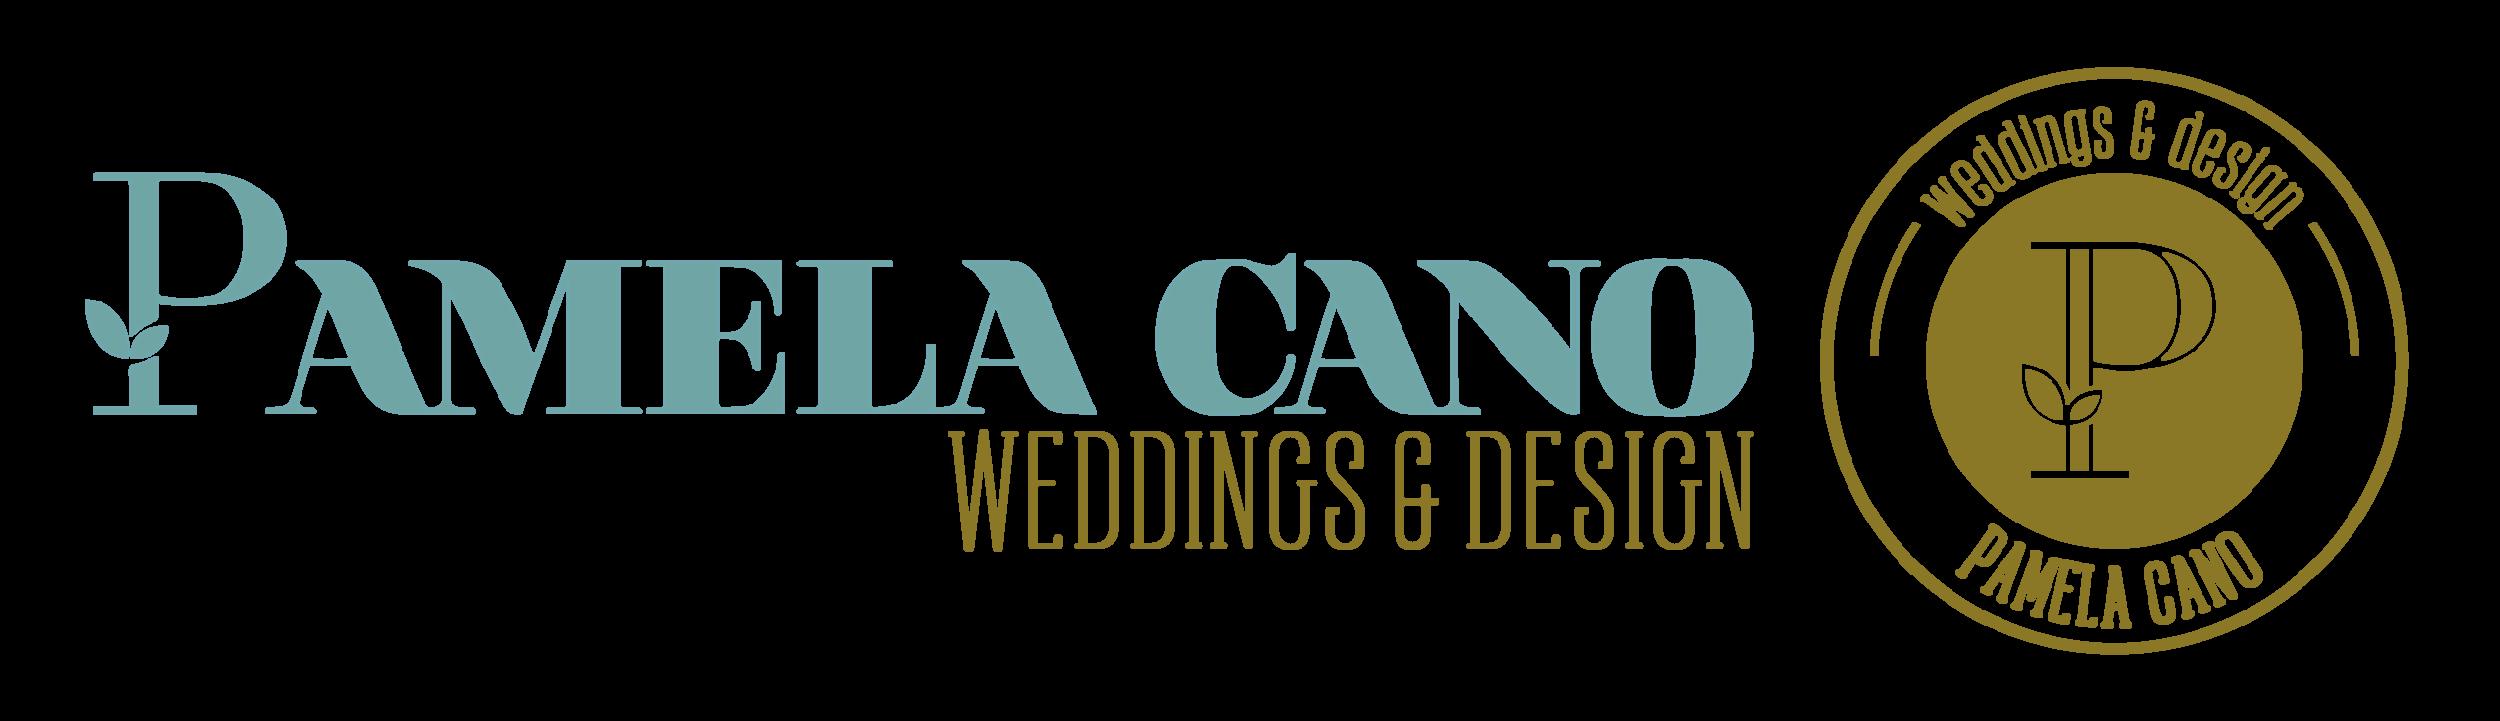 Logotipo Pamela Cano (2019)-02.png